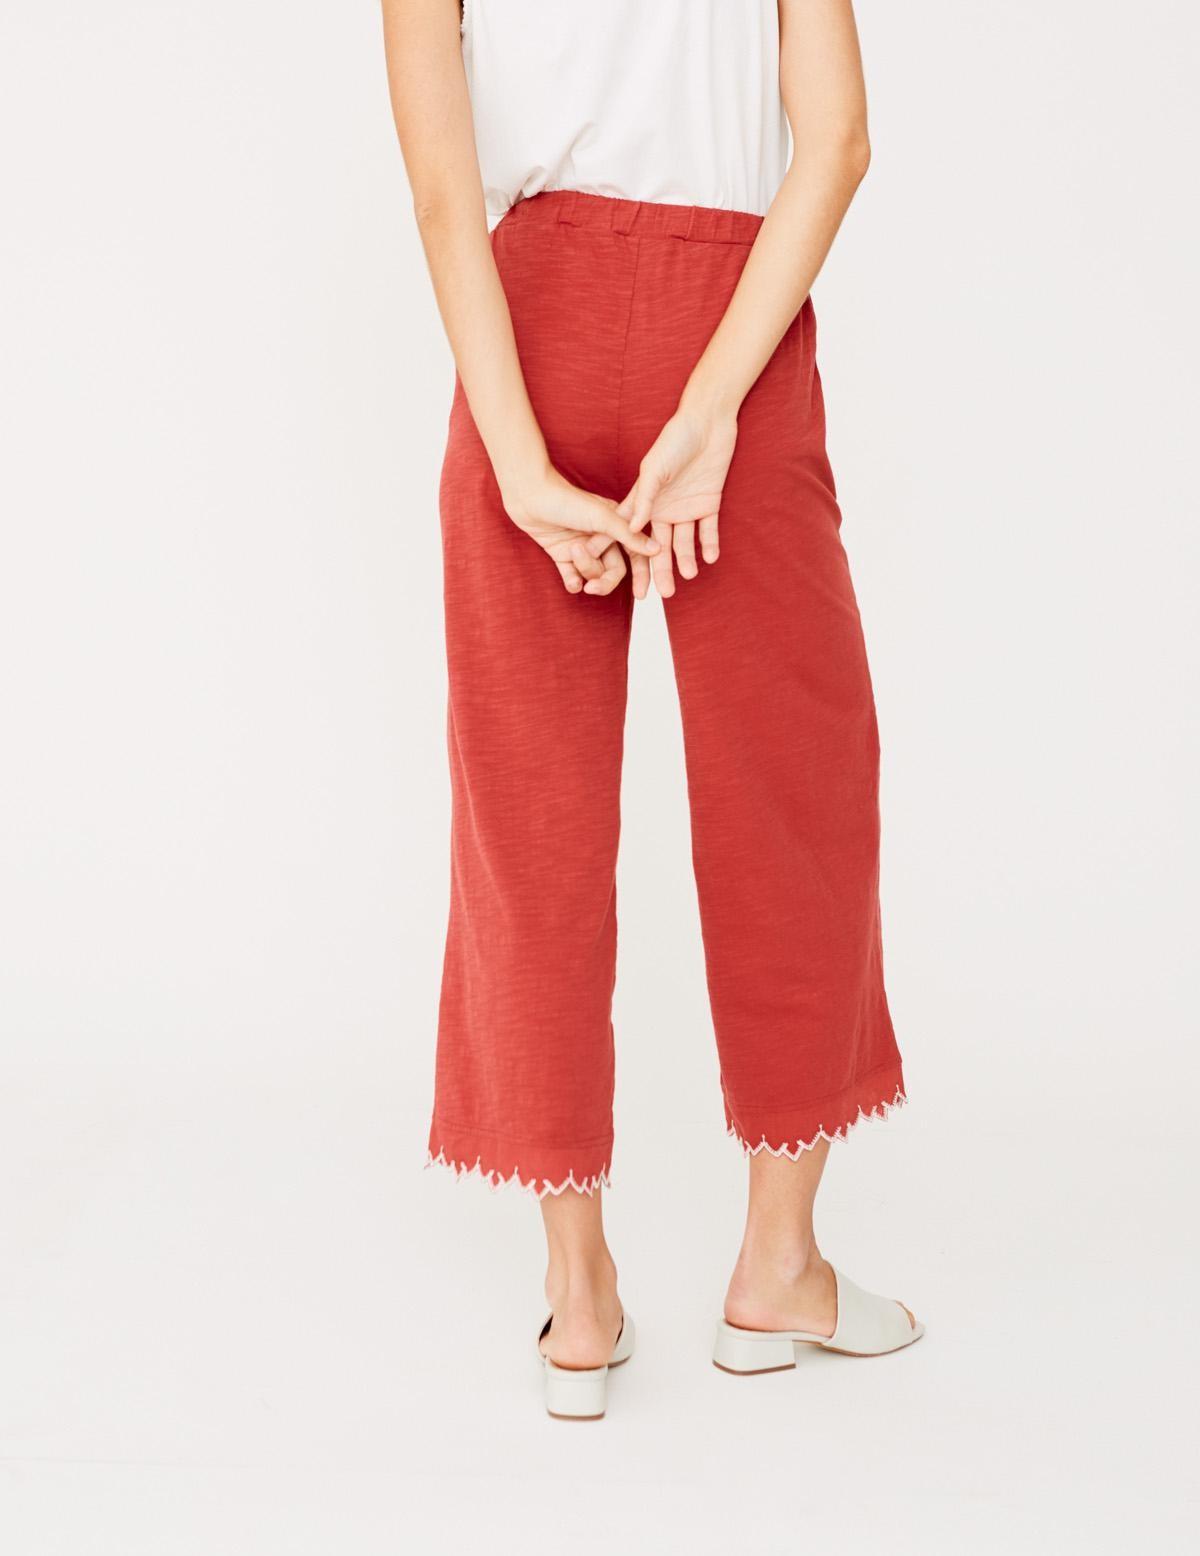 Pantalón bordado en el bajo - Ítem1